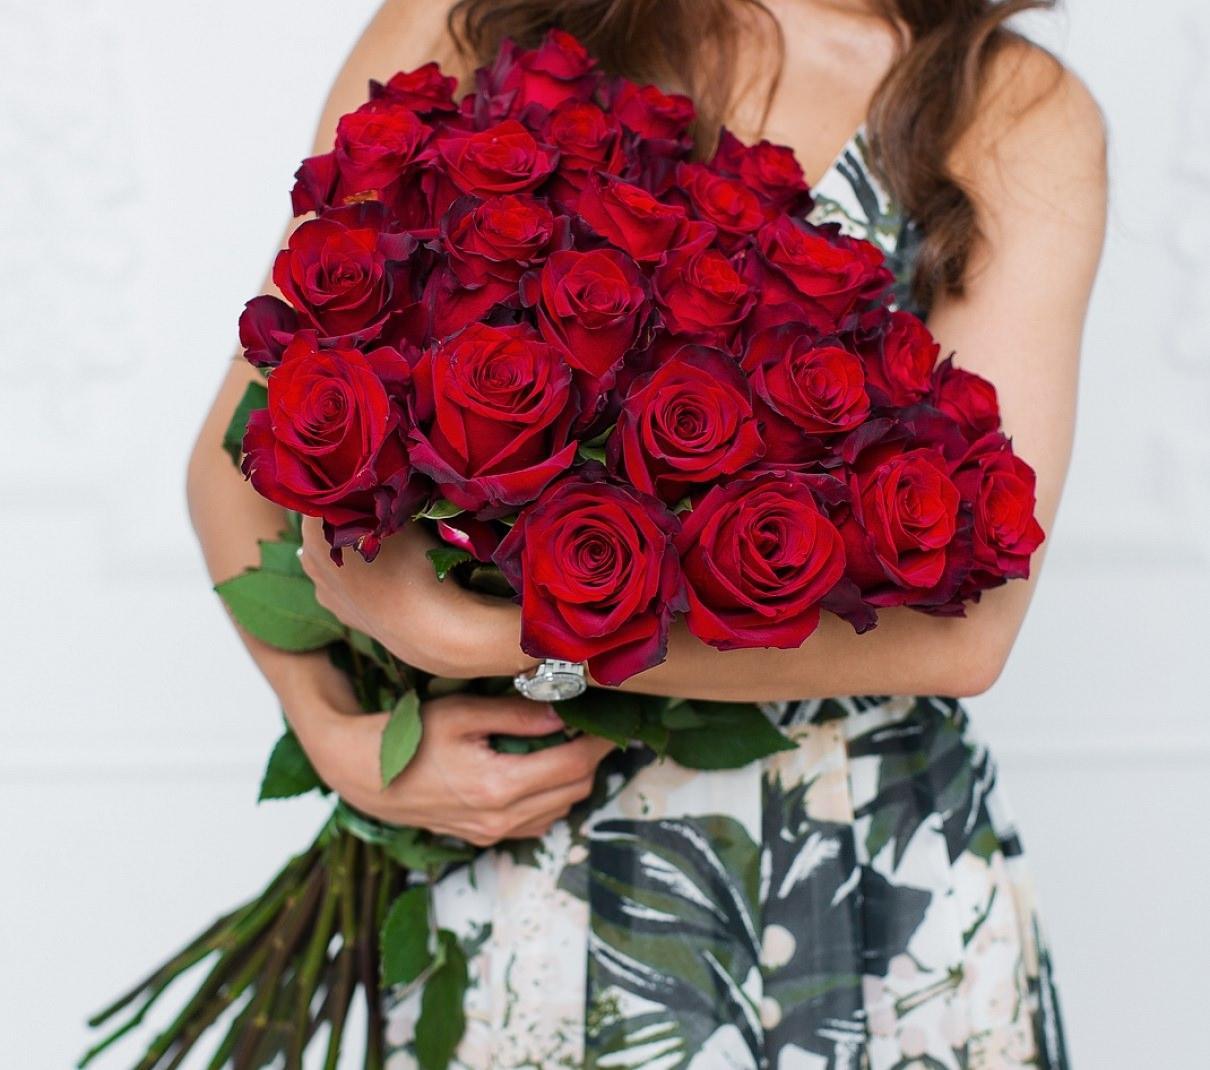 Розы красные букет и девушка